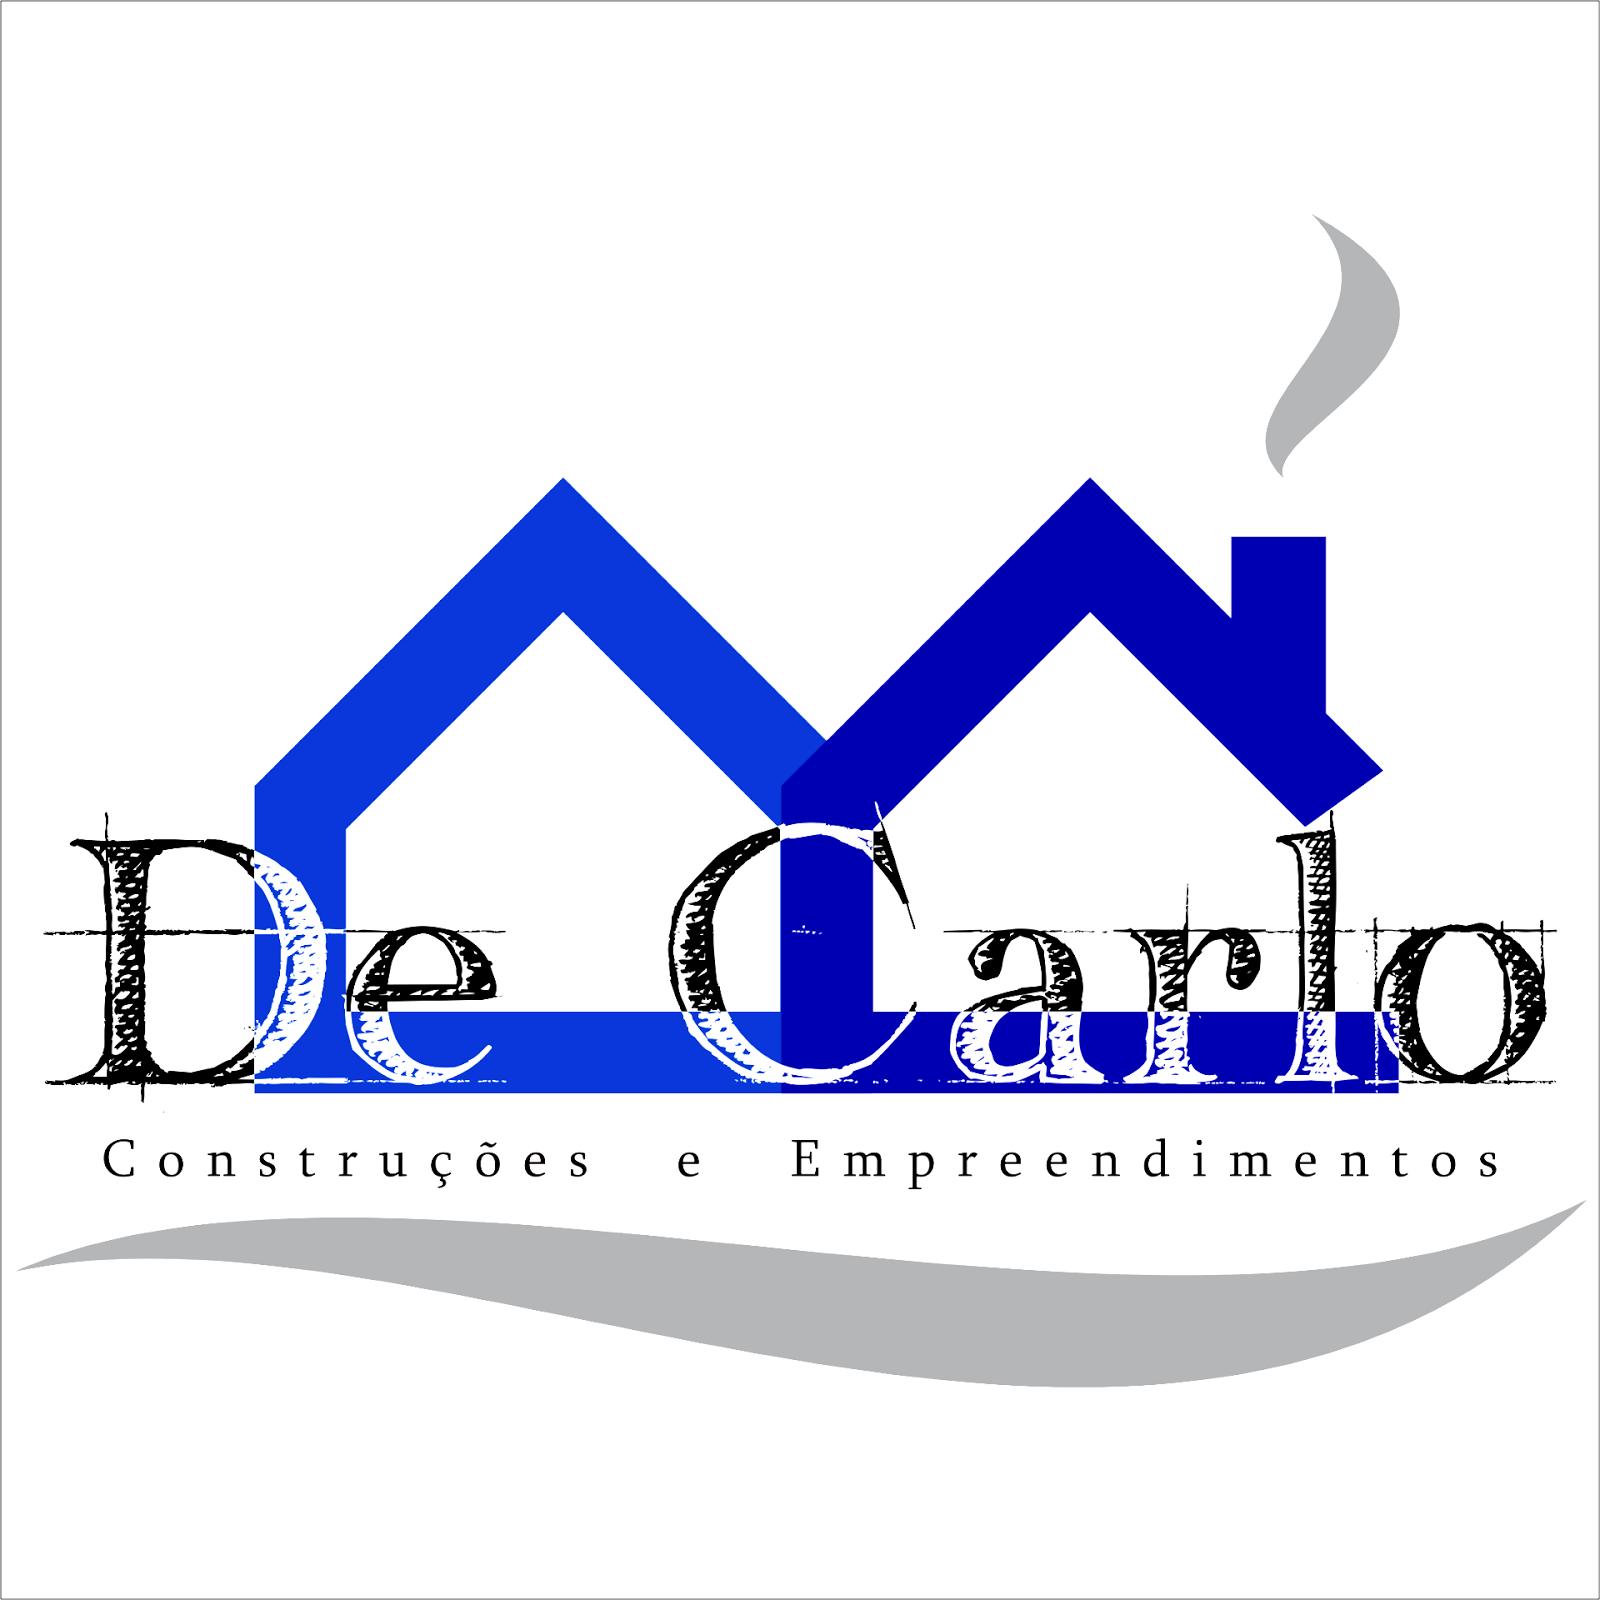 DE CARLO CONSTRUÇÕES